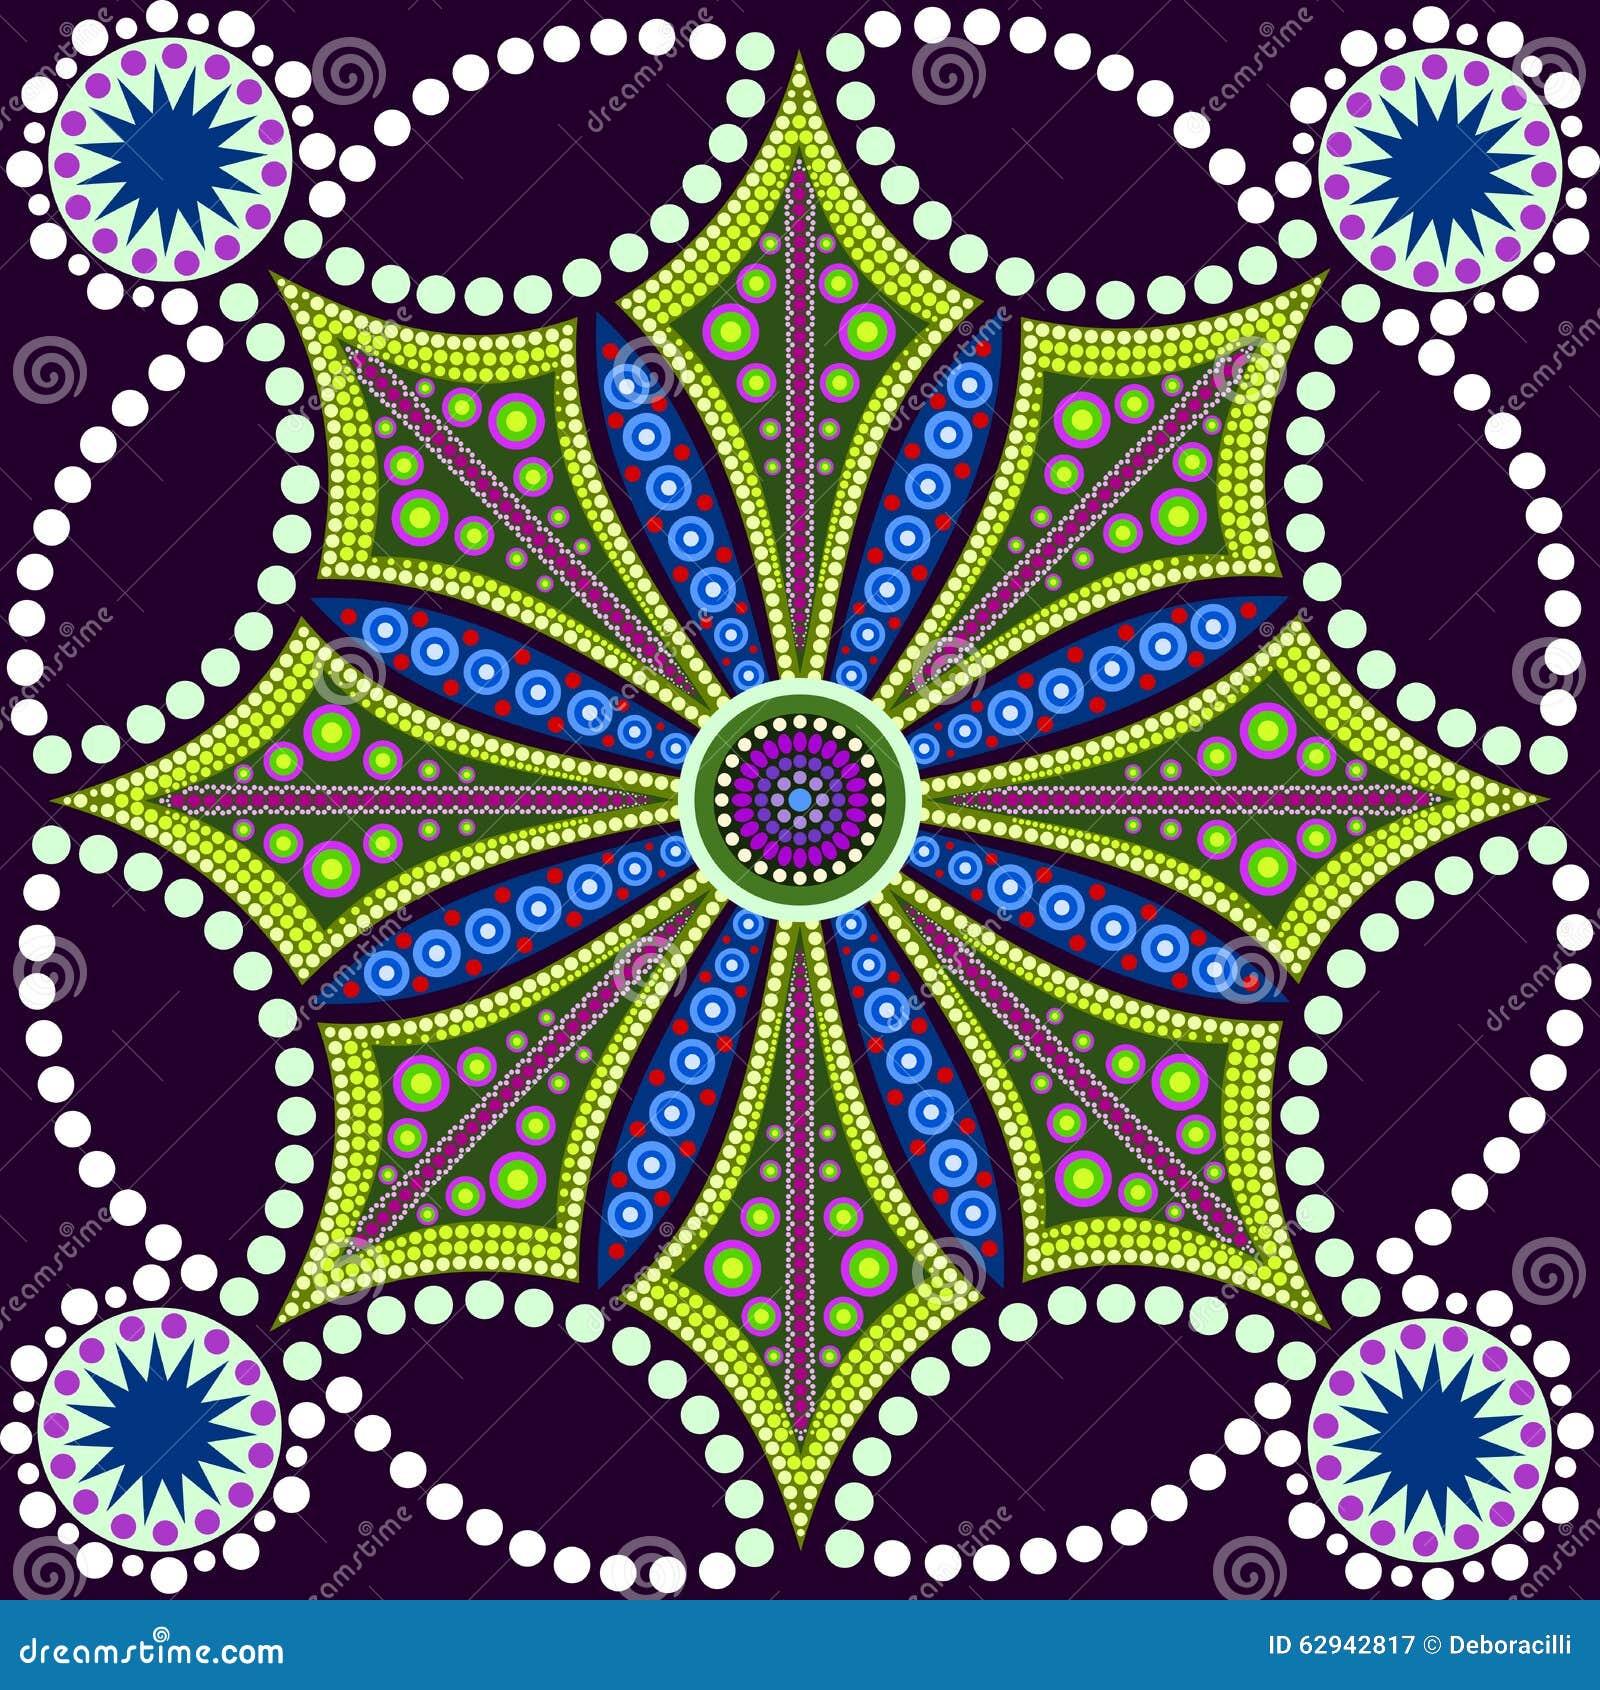 La Pintura Del Punto Resuelve Las Mandalas 8 Estilo Aborigen De La - Pinturas-de-mandalas